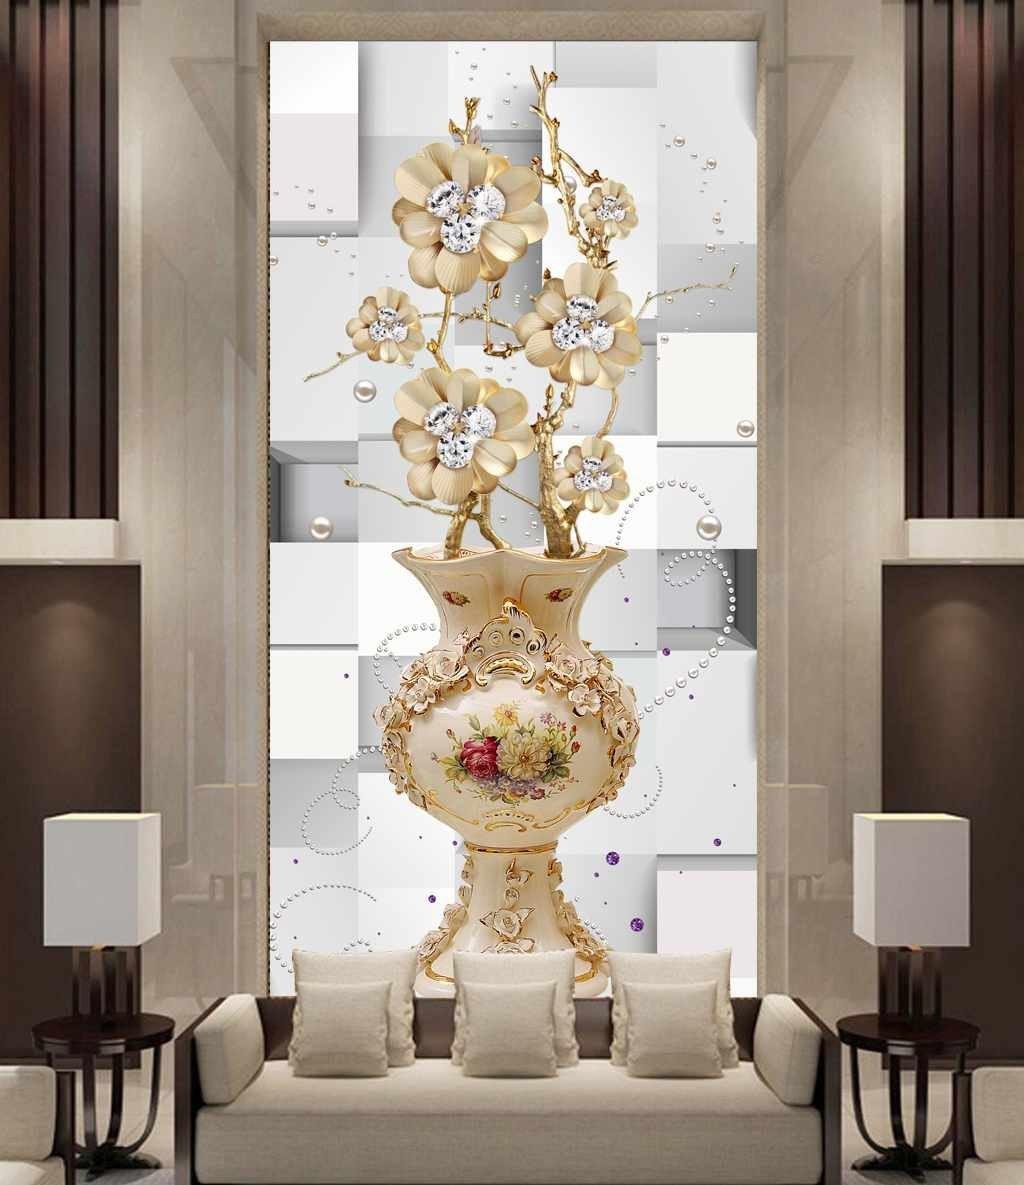 تصویر گلدان چینی زیبا با گل های طلایی